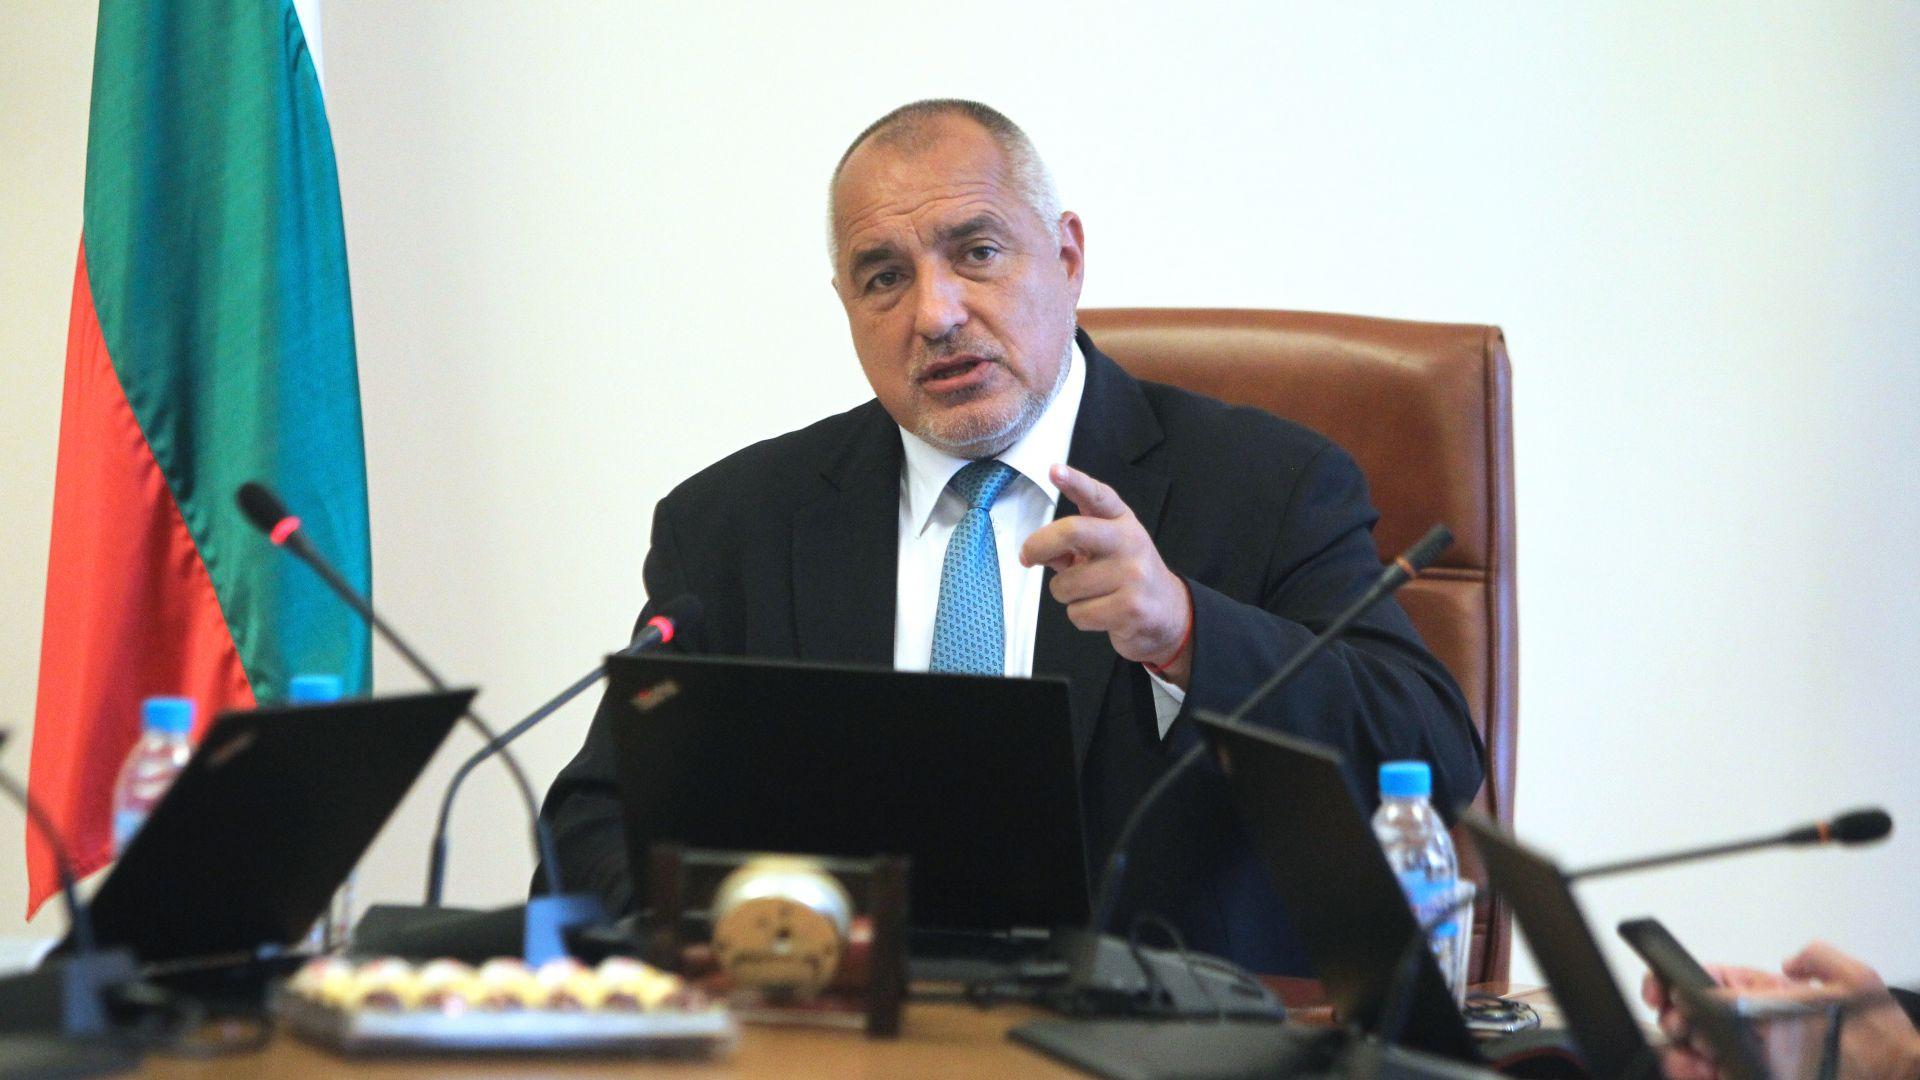 Борисов в Министерски съвет: Ветото на президента беше отхвърлено, почвате да строите!